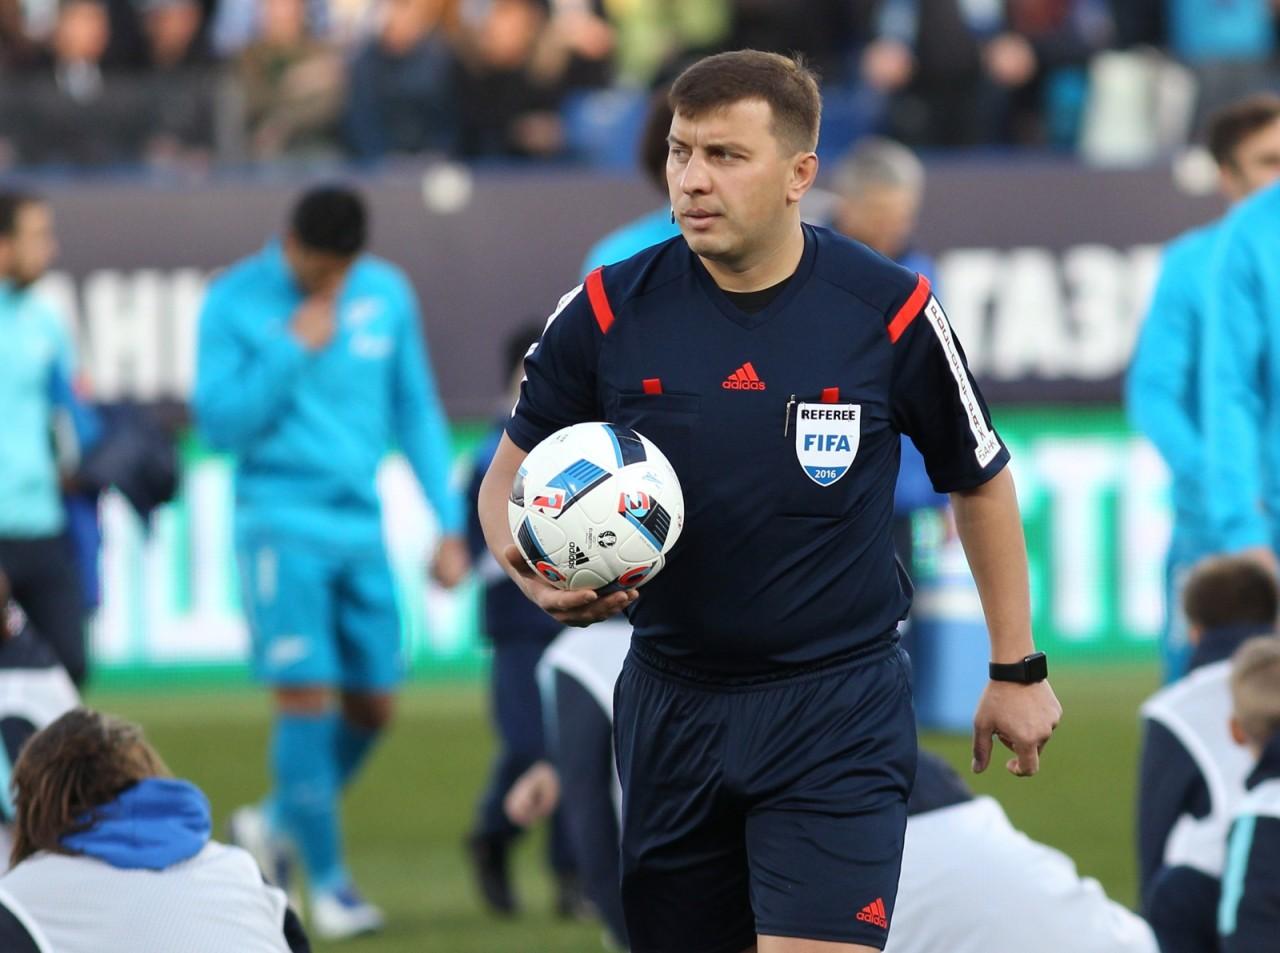 Арбитр Вилков рассказал о переживаниях после пожизненного отстранения - фото